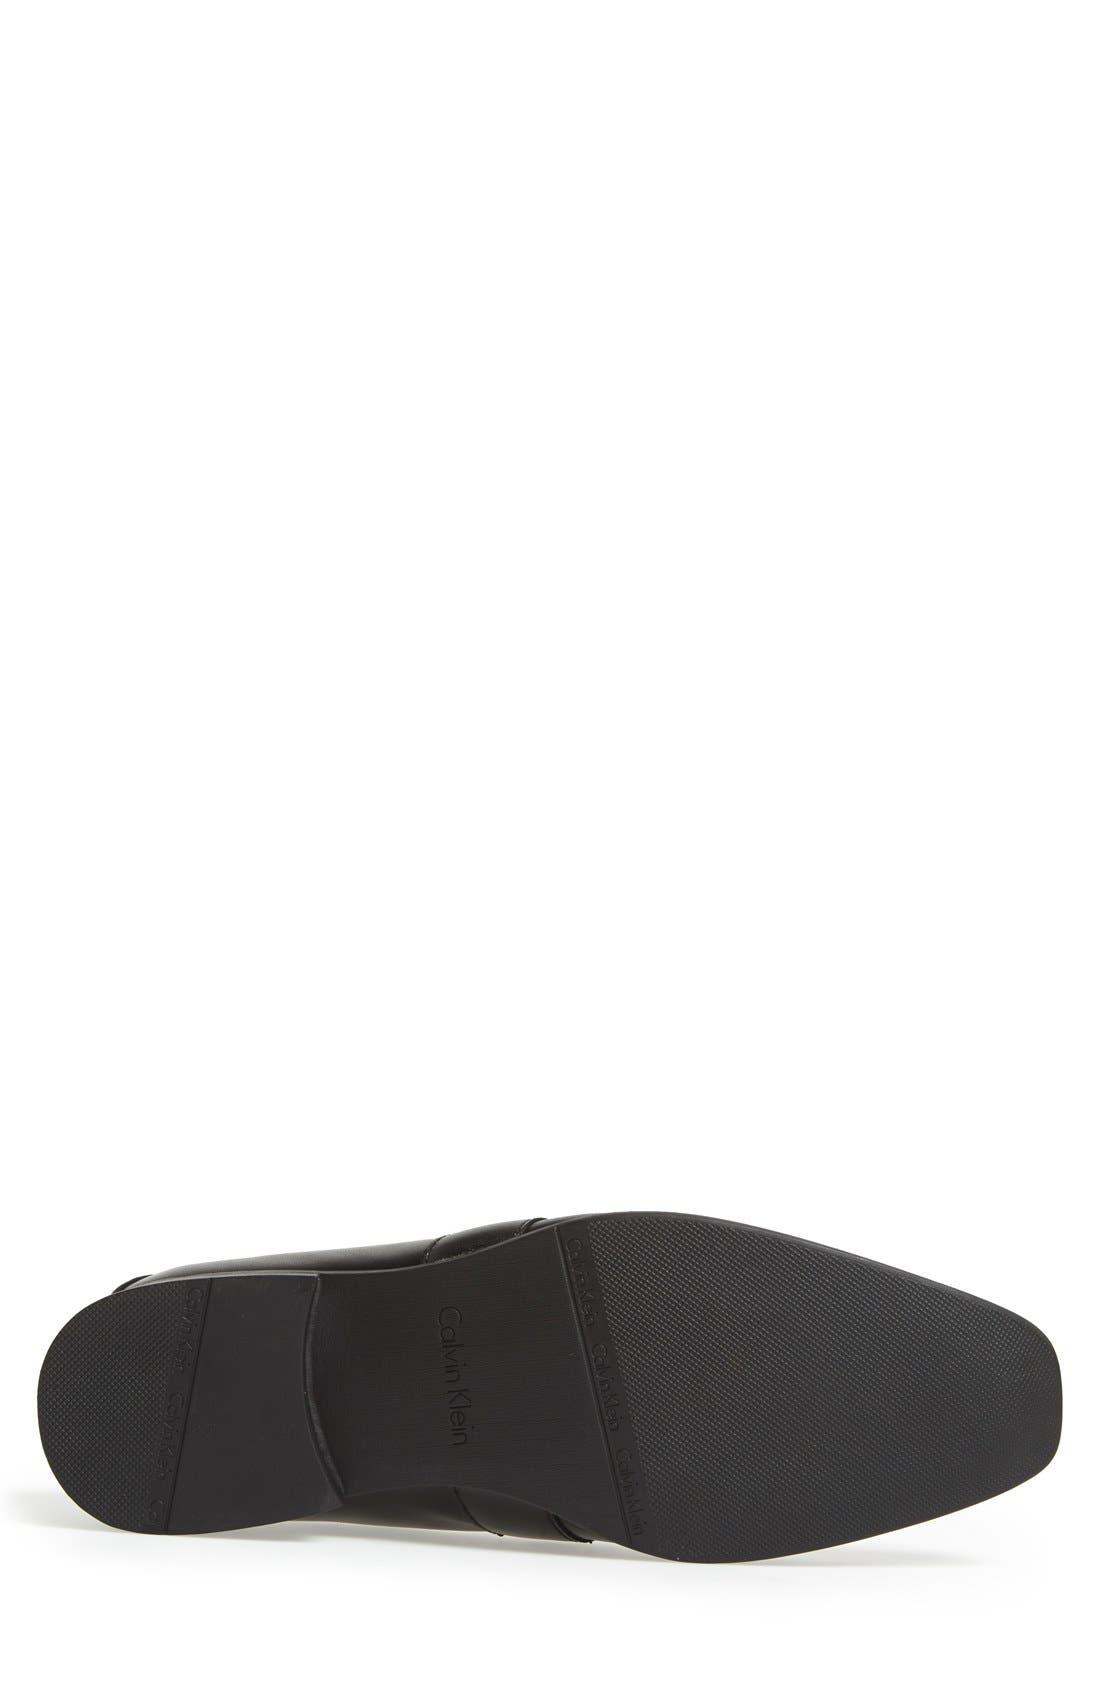 'Bartley' Bit Loafer,                             Alternate thumbnail 4, color,                             Black